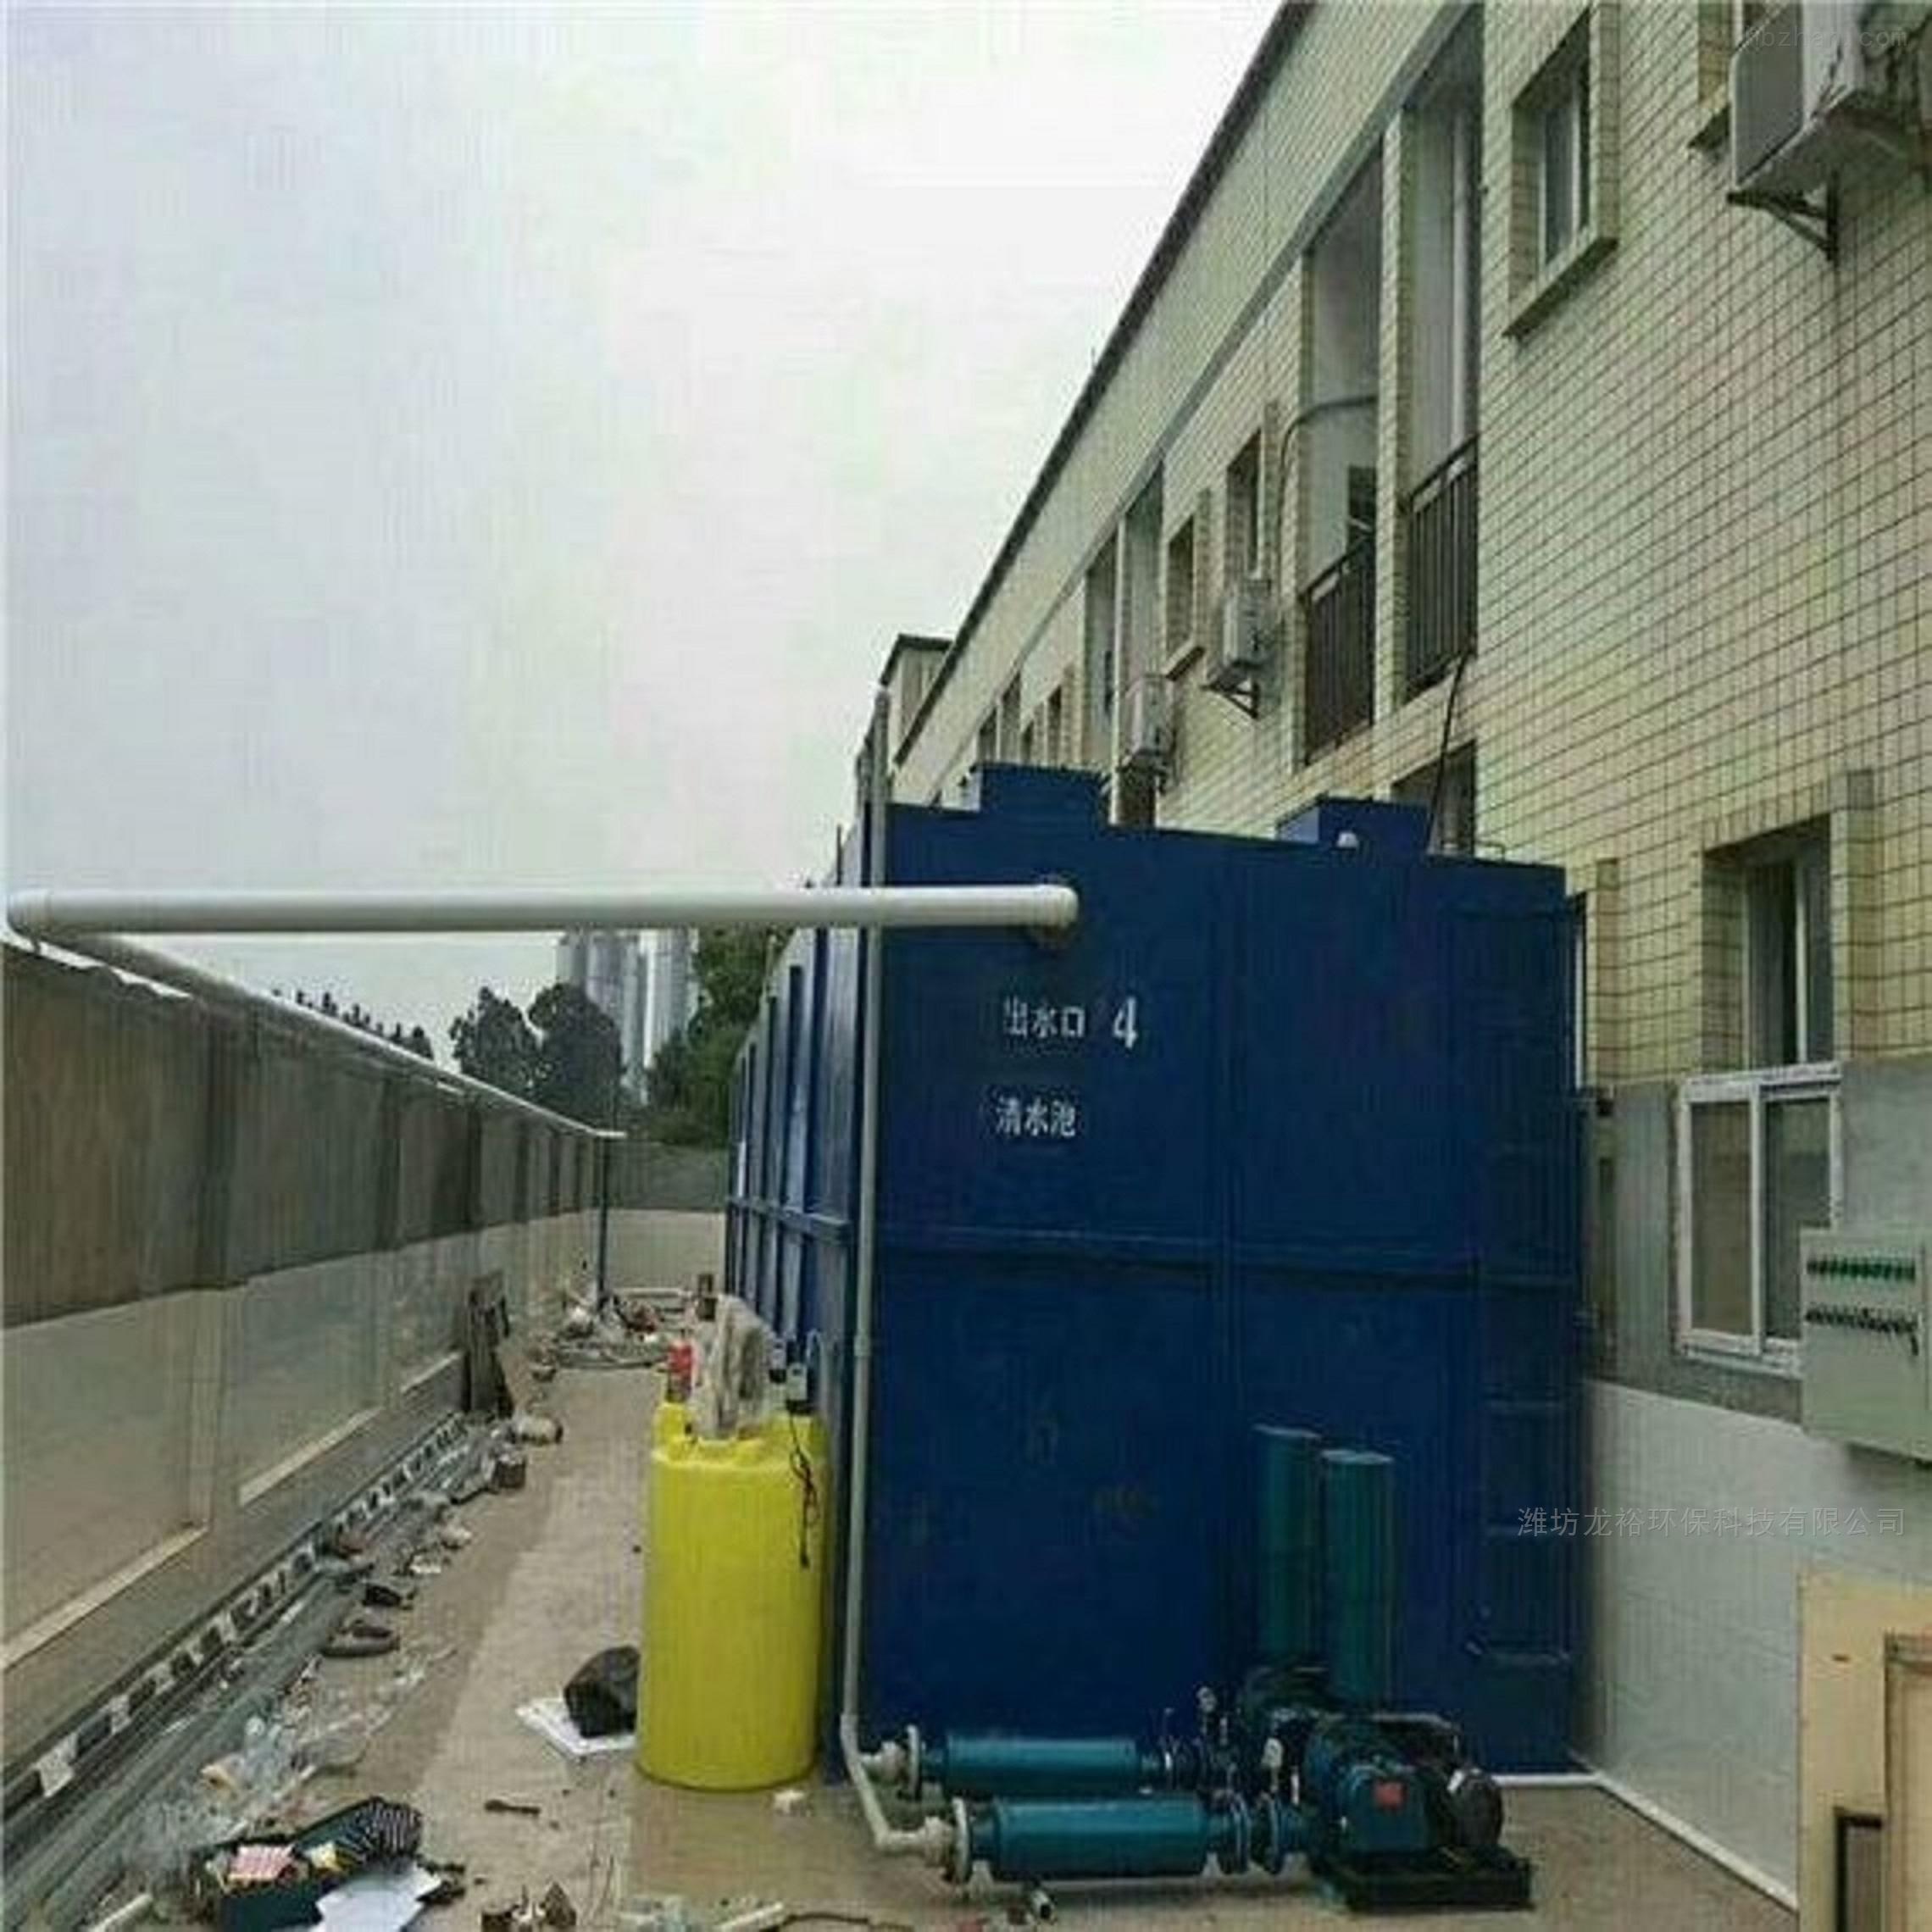 乡镇卫生医院污水处理设备